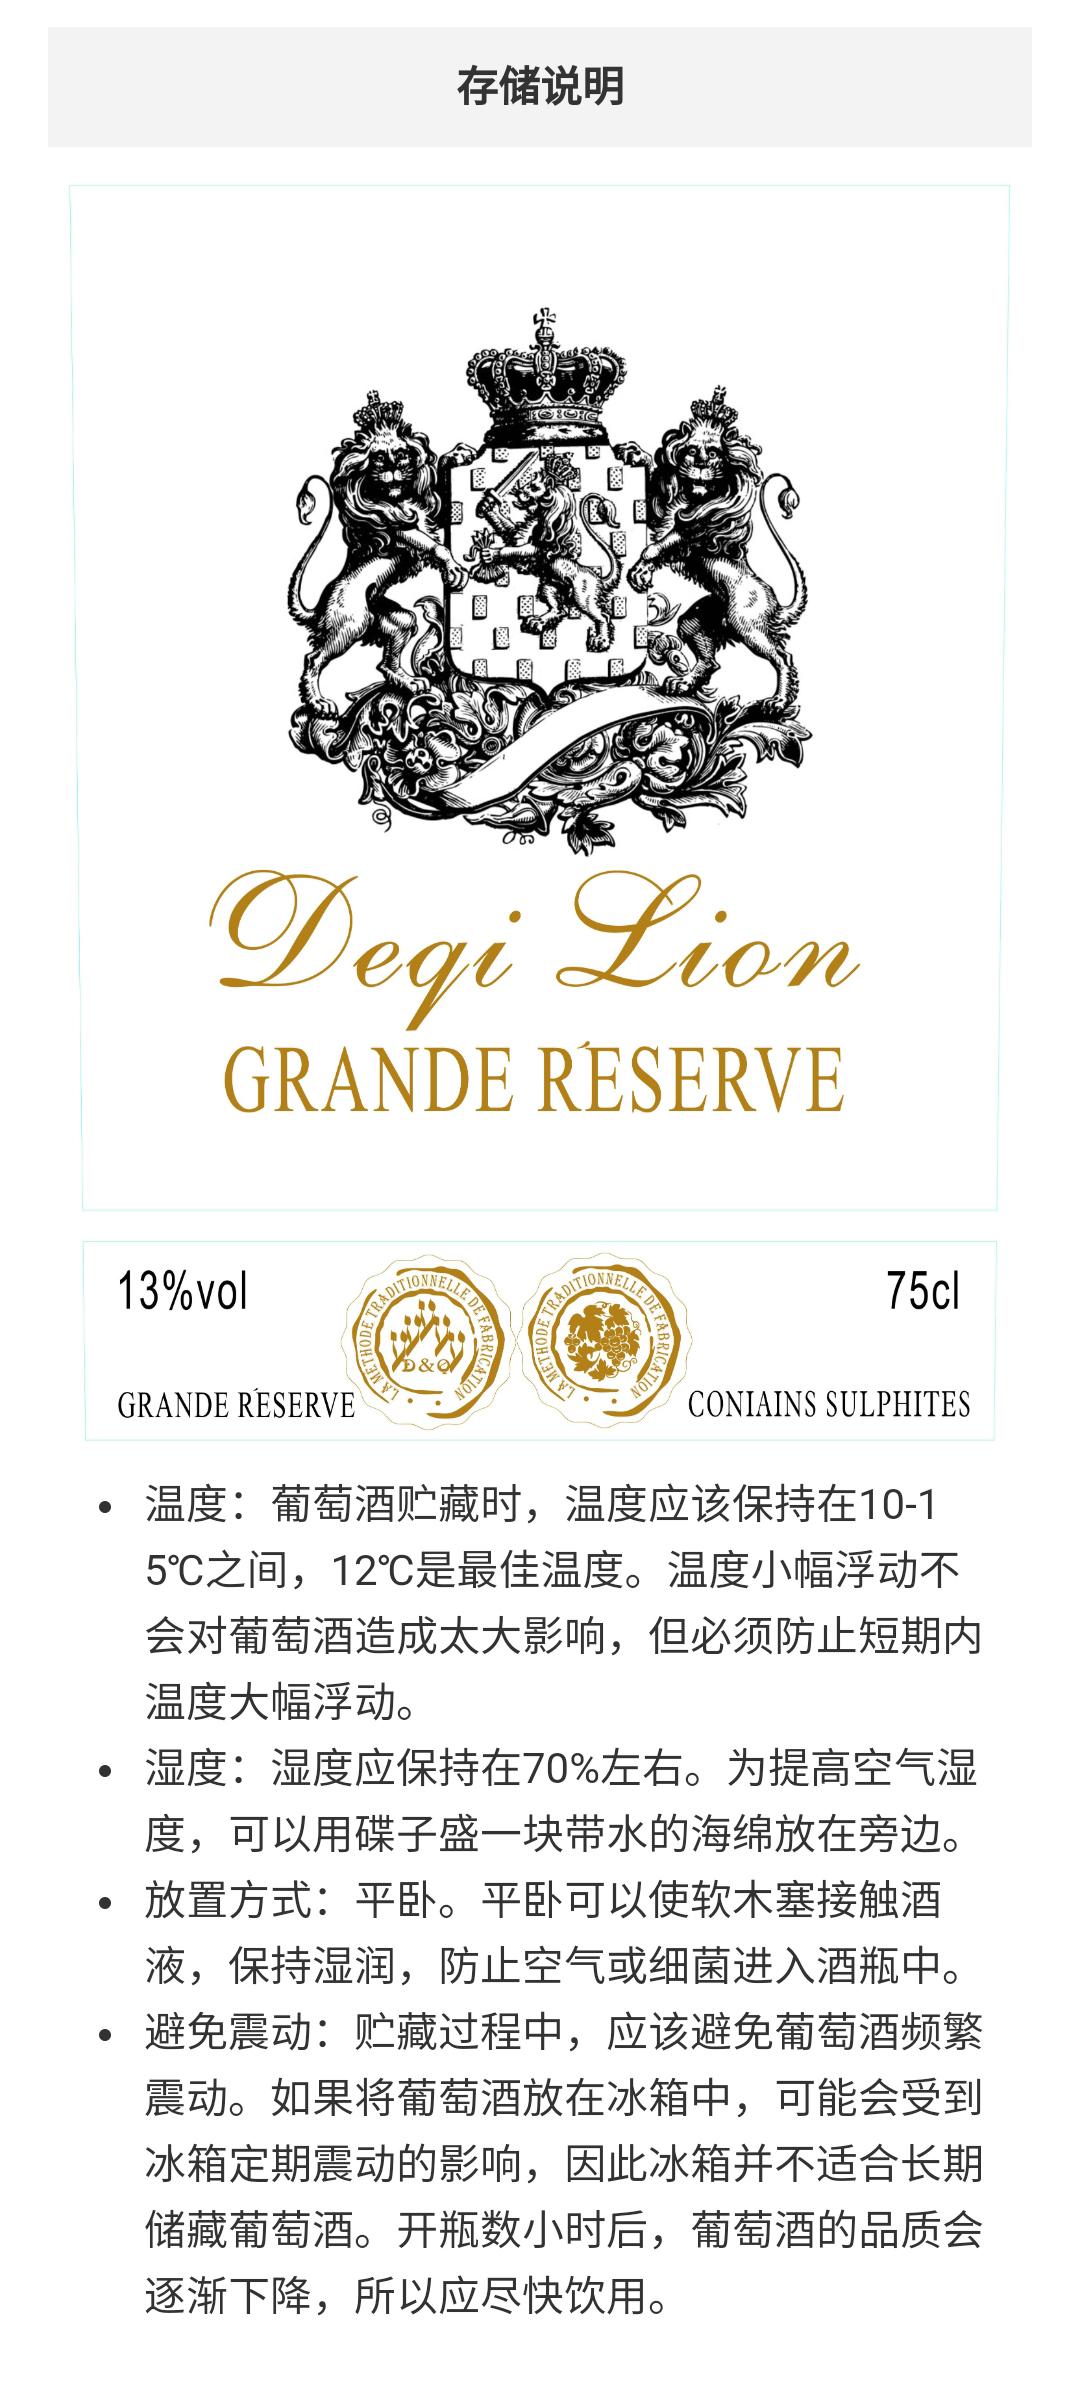 雄狮红葡萄酒-13度_04.jpg